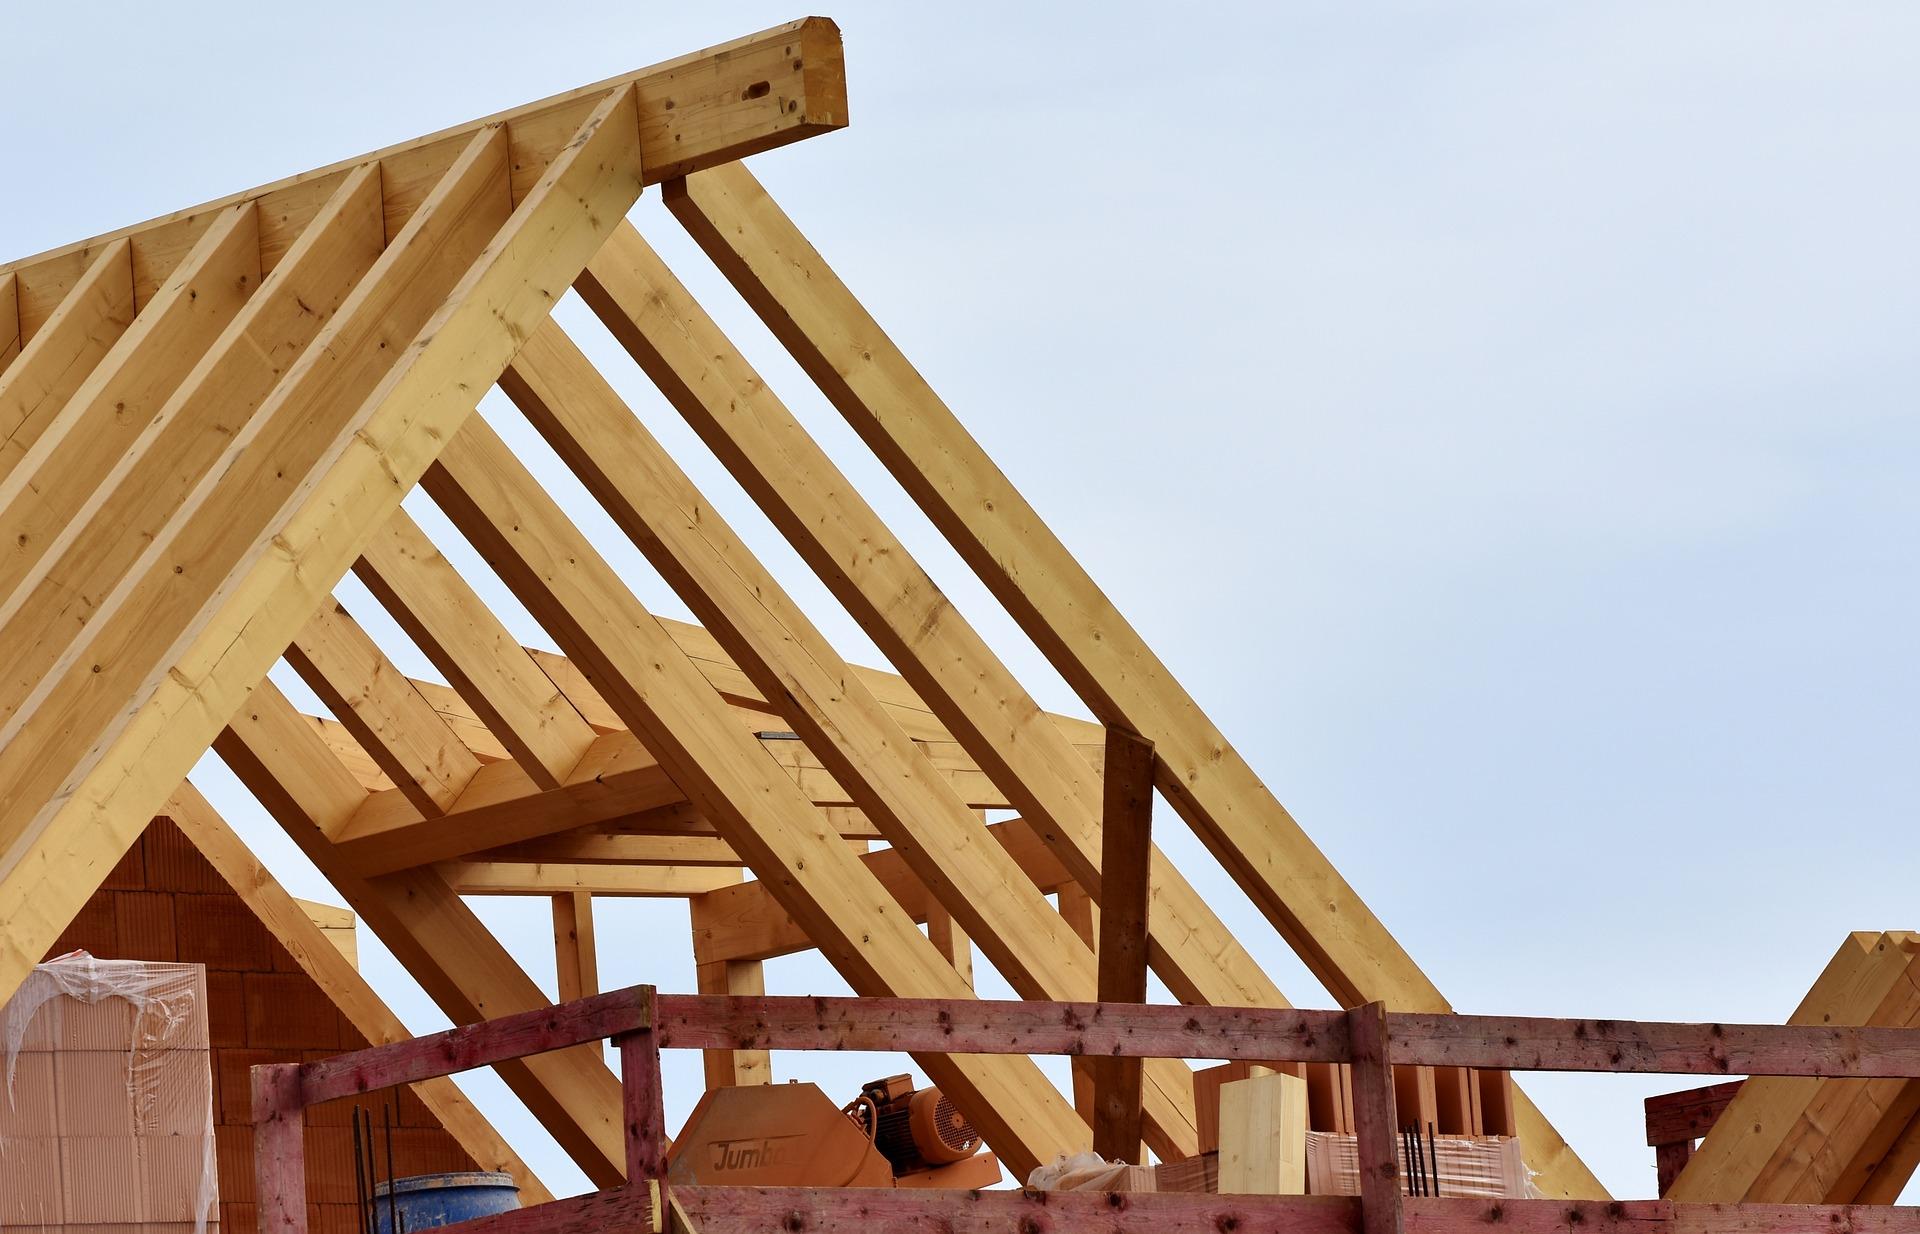 Maximális figyelemmel fordul a GVH az építőipari áremelkedések felé